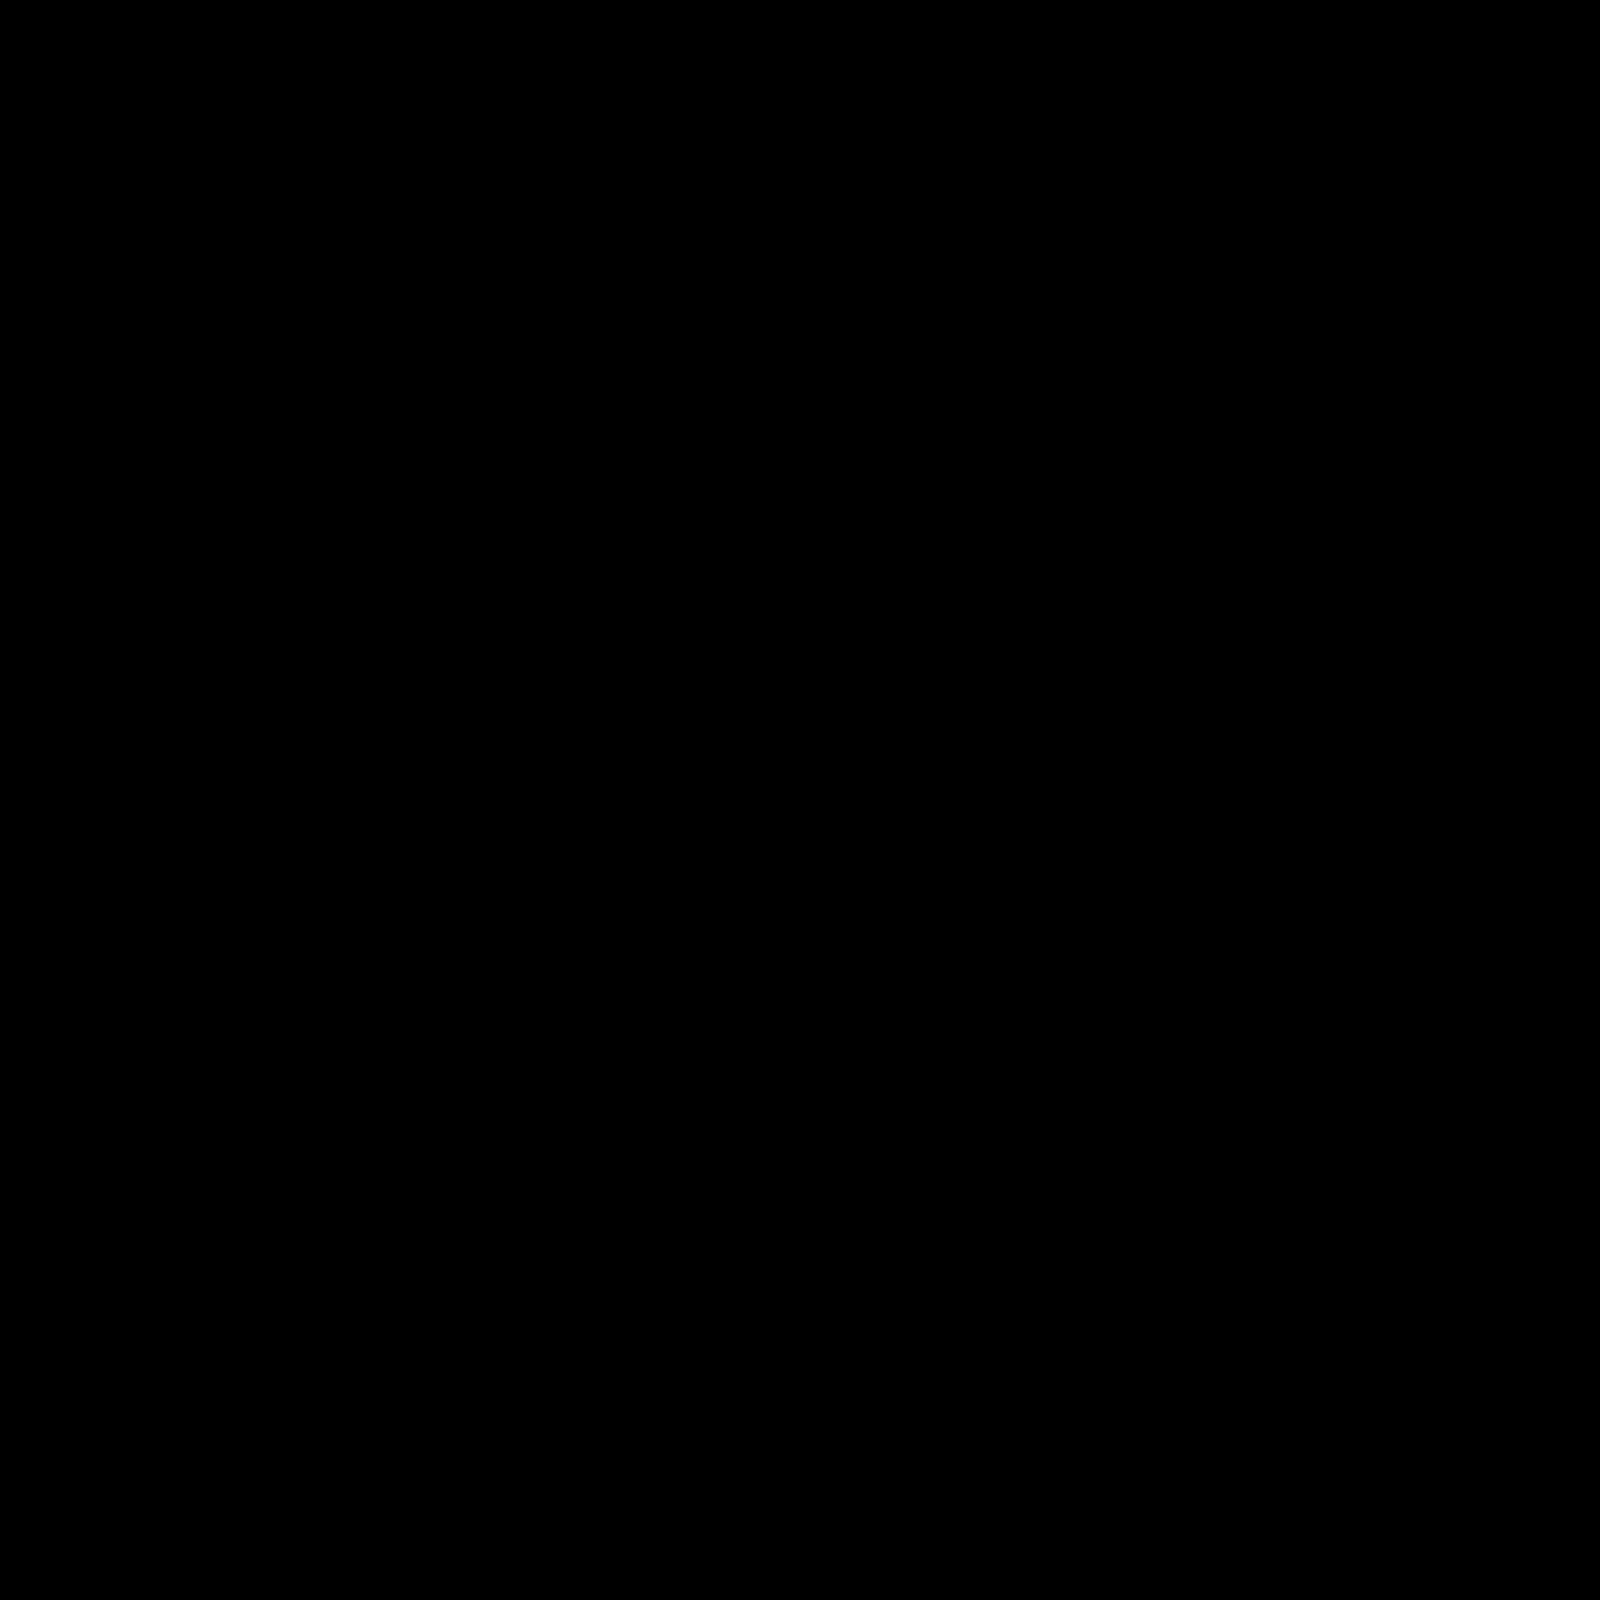 繰り返し予定 icon. The logo is an arrow moving around in a perfect circle, pointing at it's tail end to indicate repetition. The circle does not close completely.